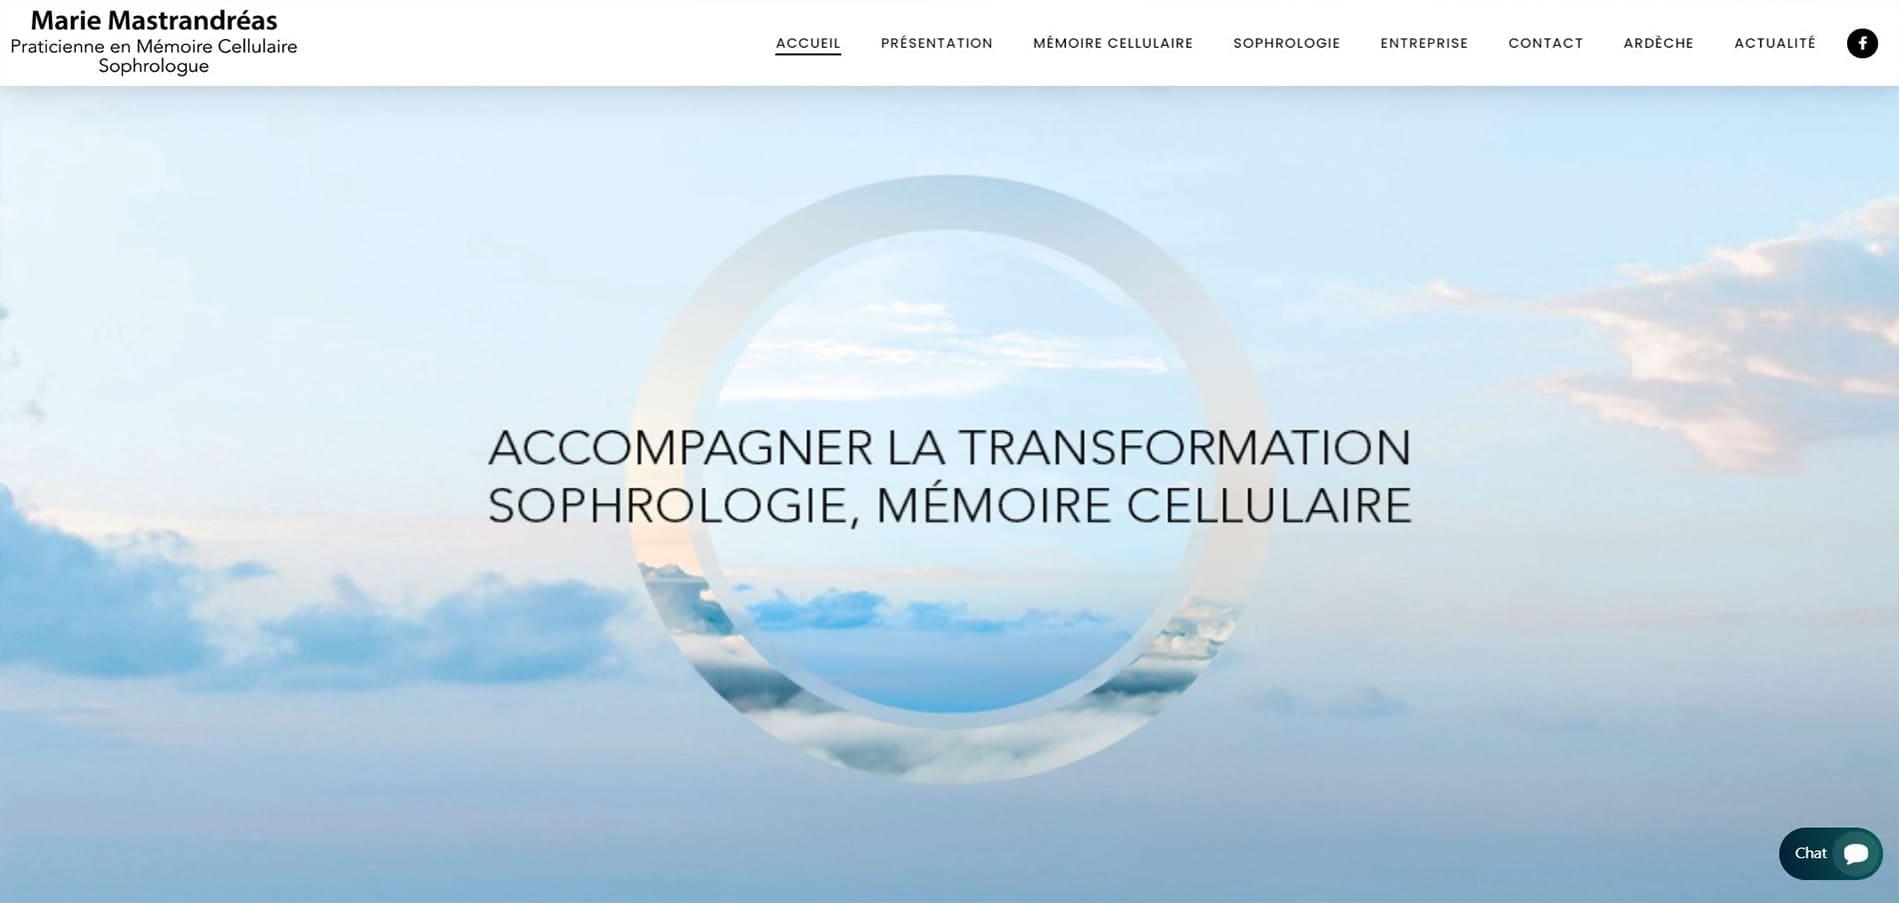 Page d'accueil du site de Marie Mastrandreas